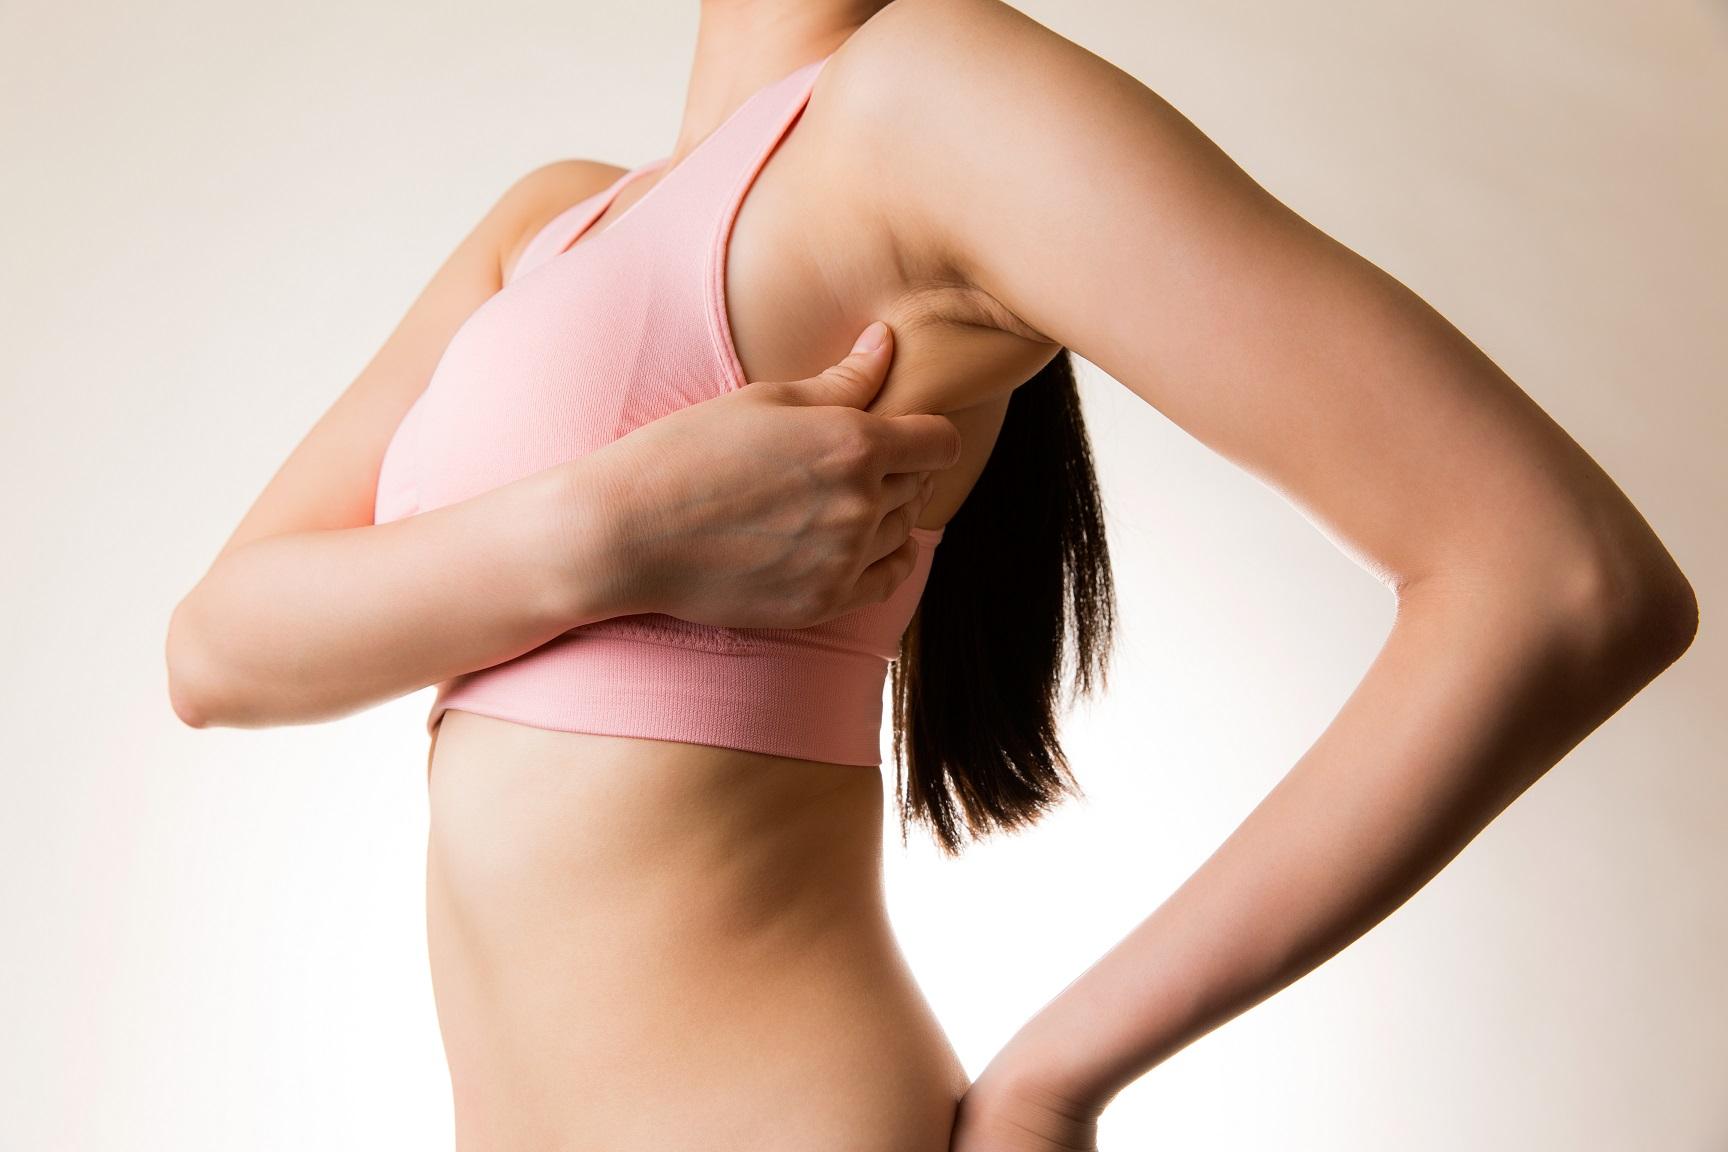 Underarm Breast Tissue